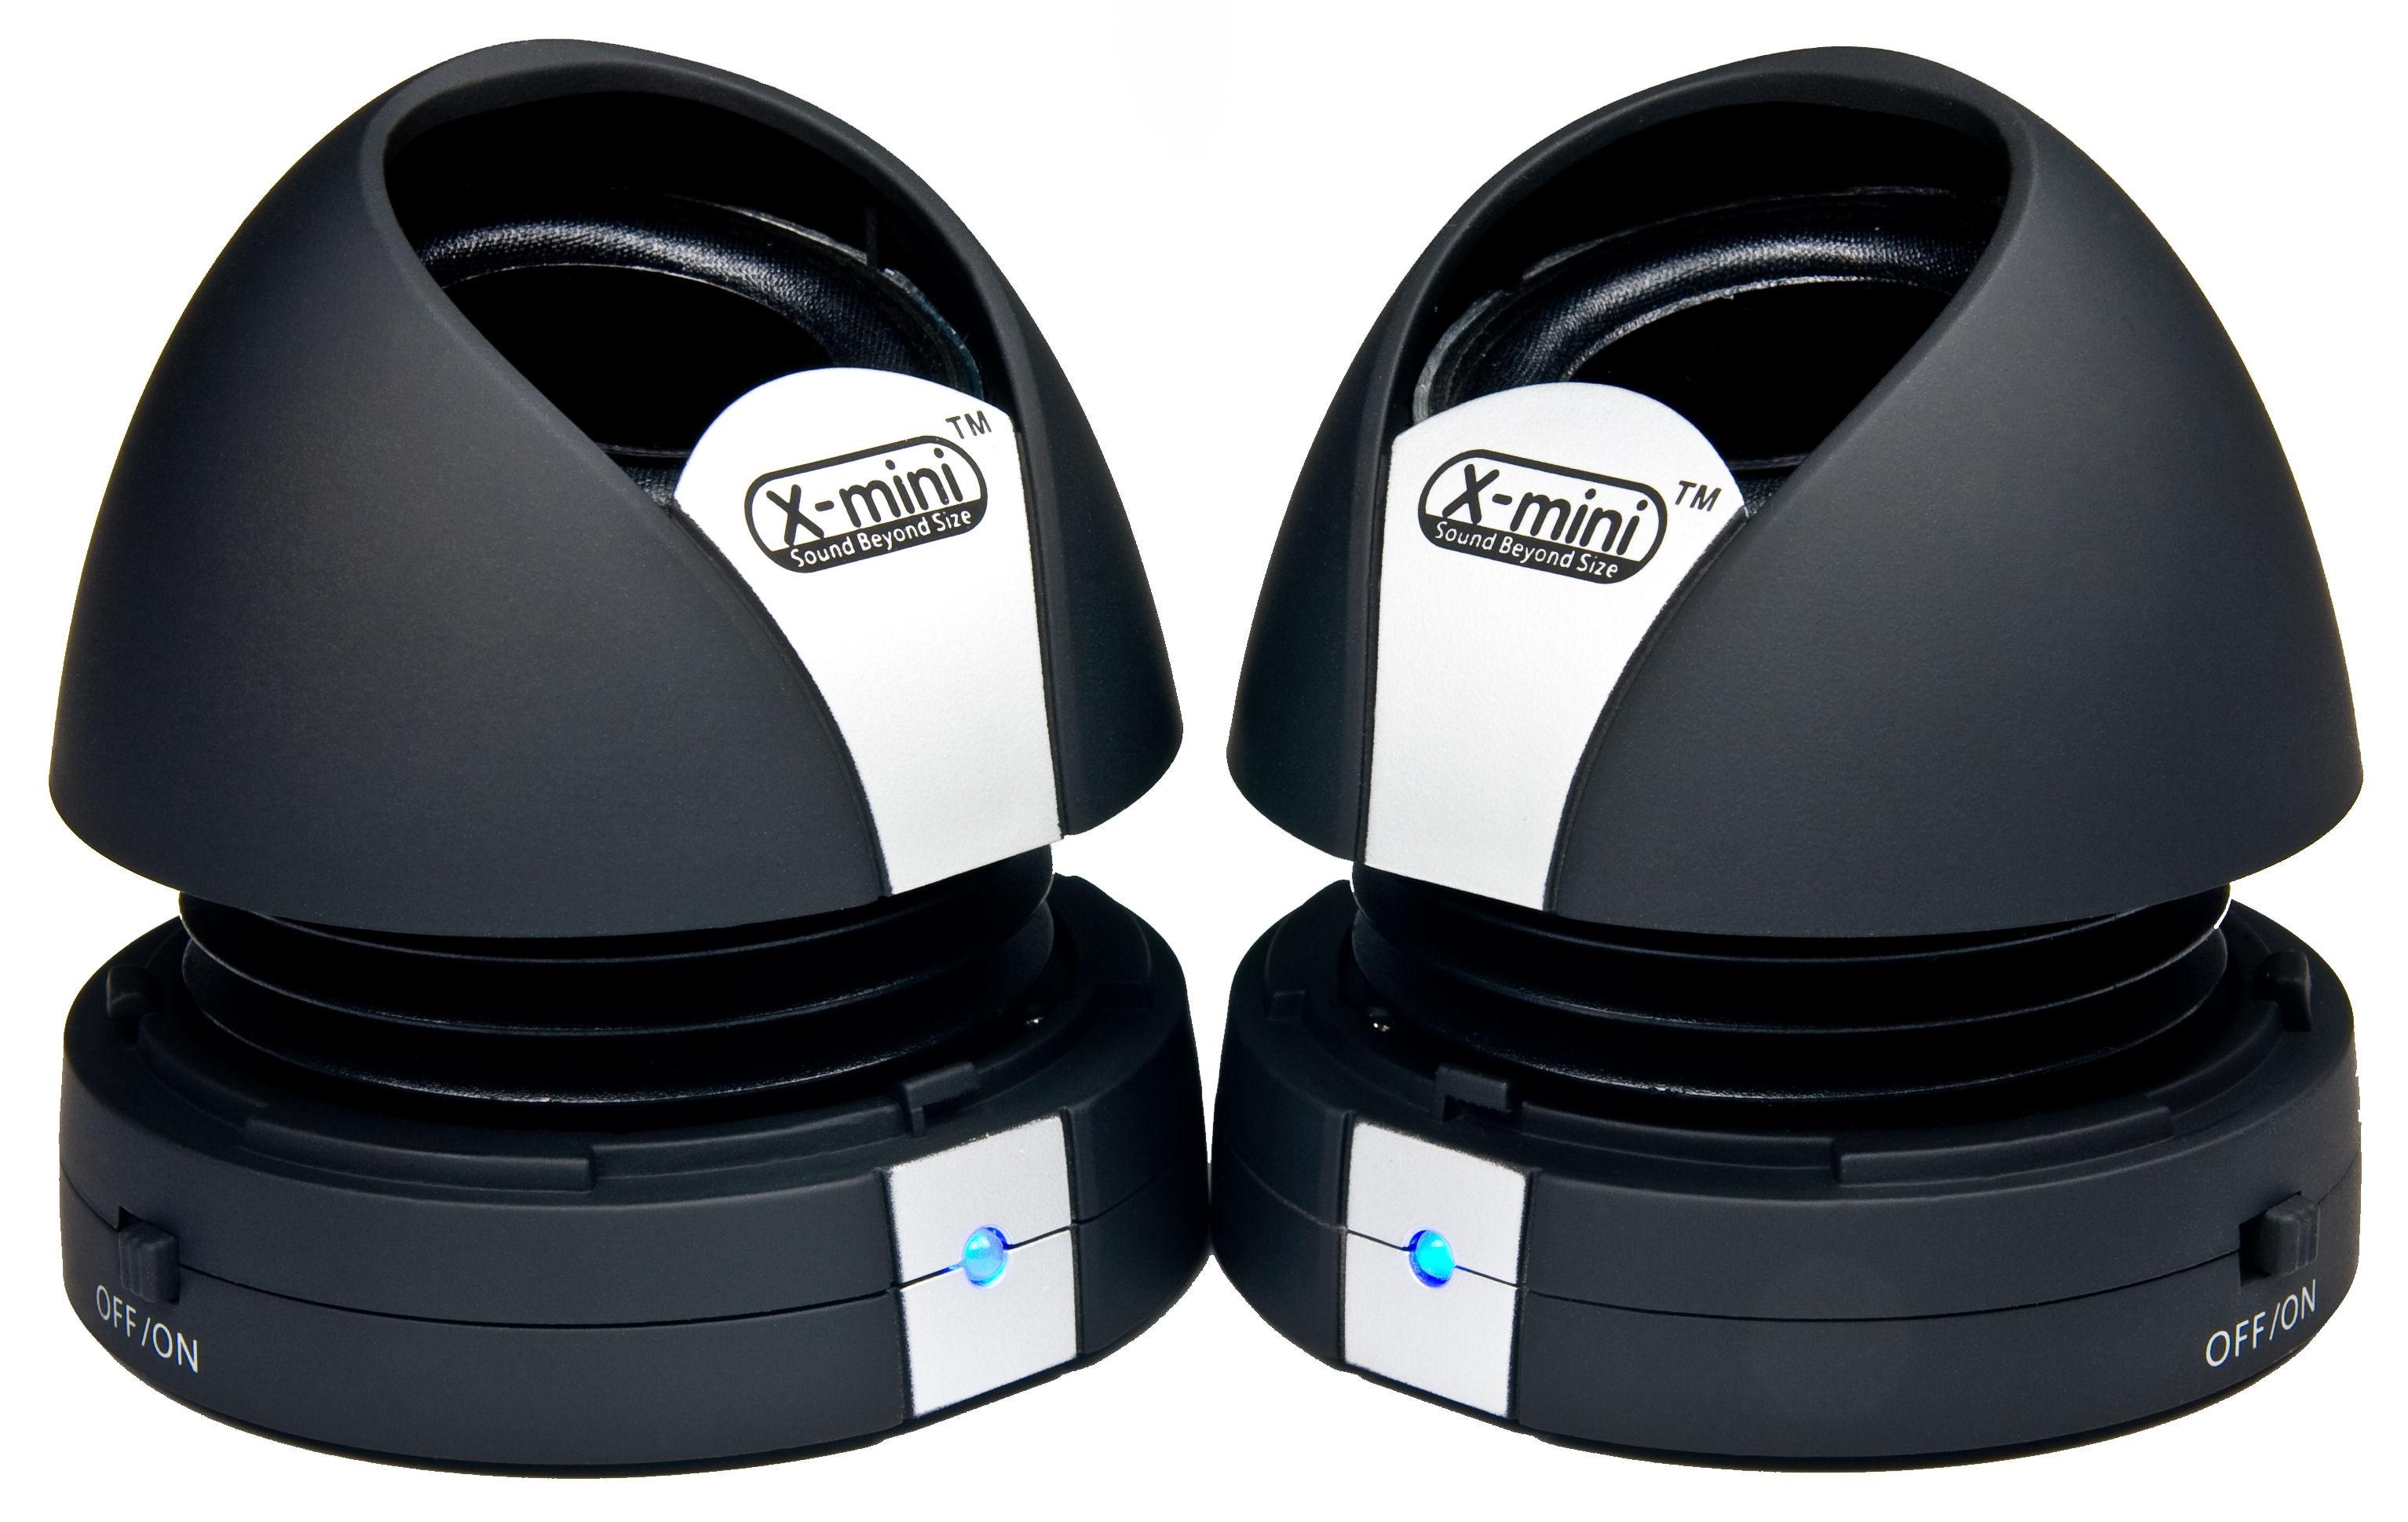 X-Mini Max II review: X-Mini Max II - CNET